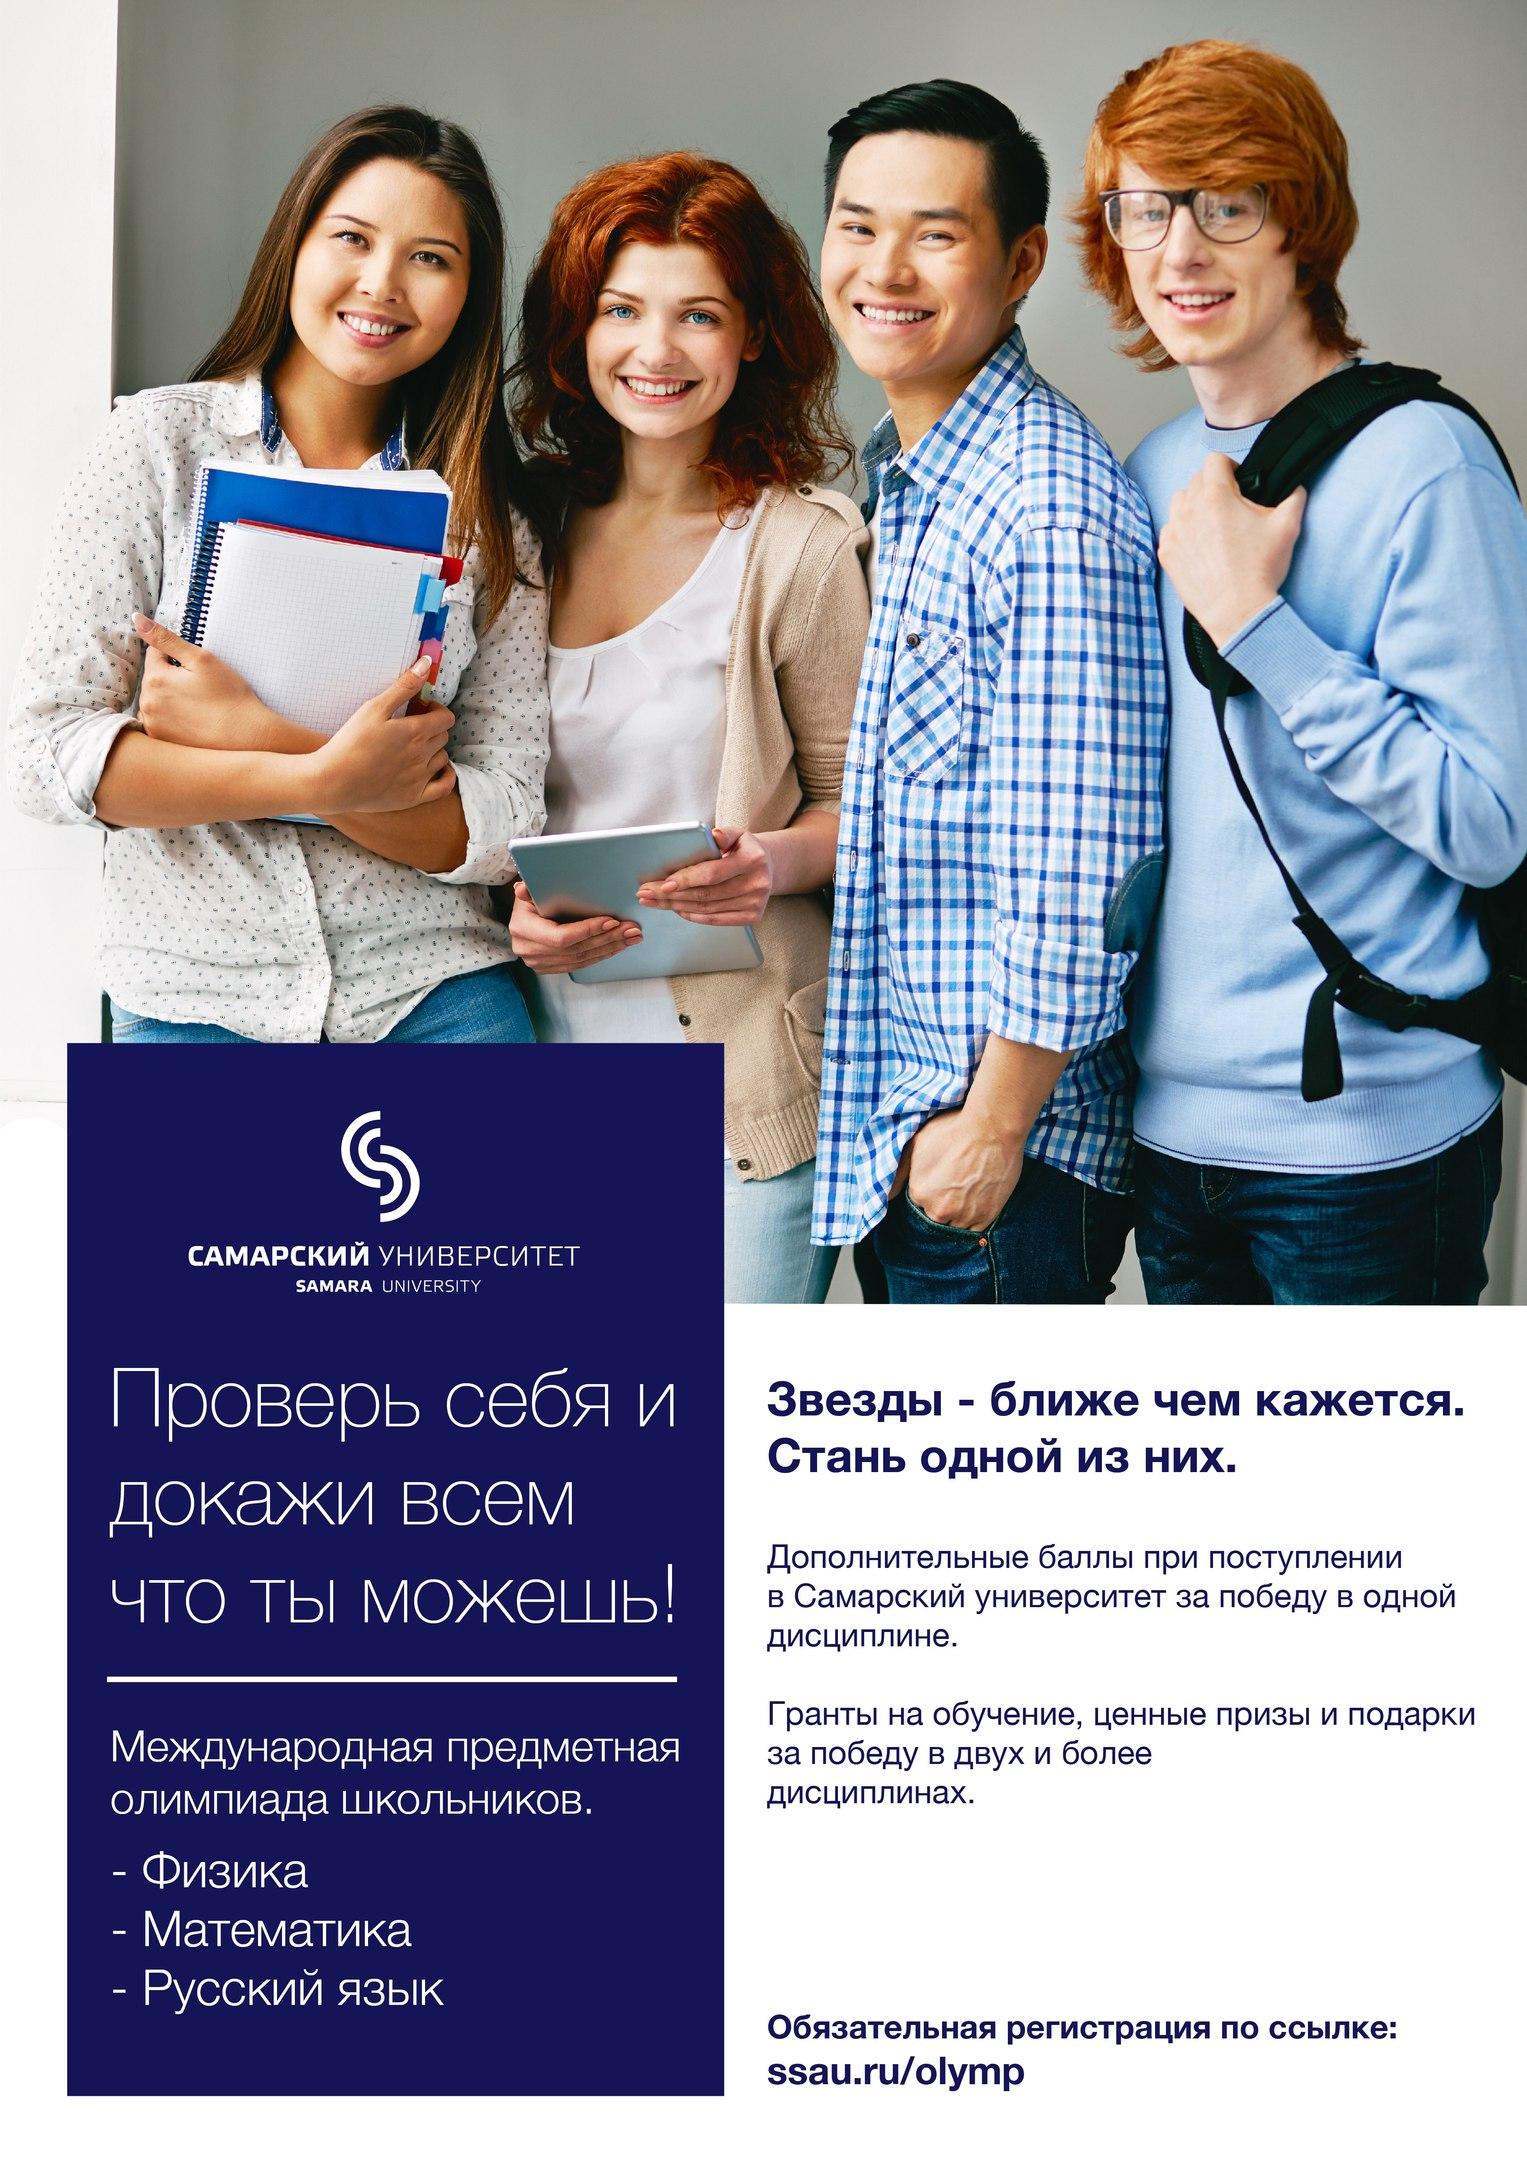 Самарский университет проводит очередной цикл школьных олимпиад в Республике Беларусь